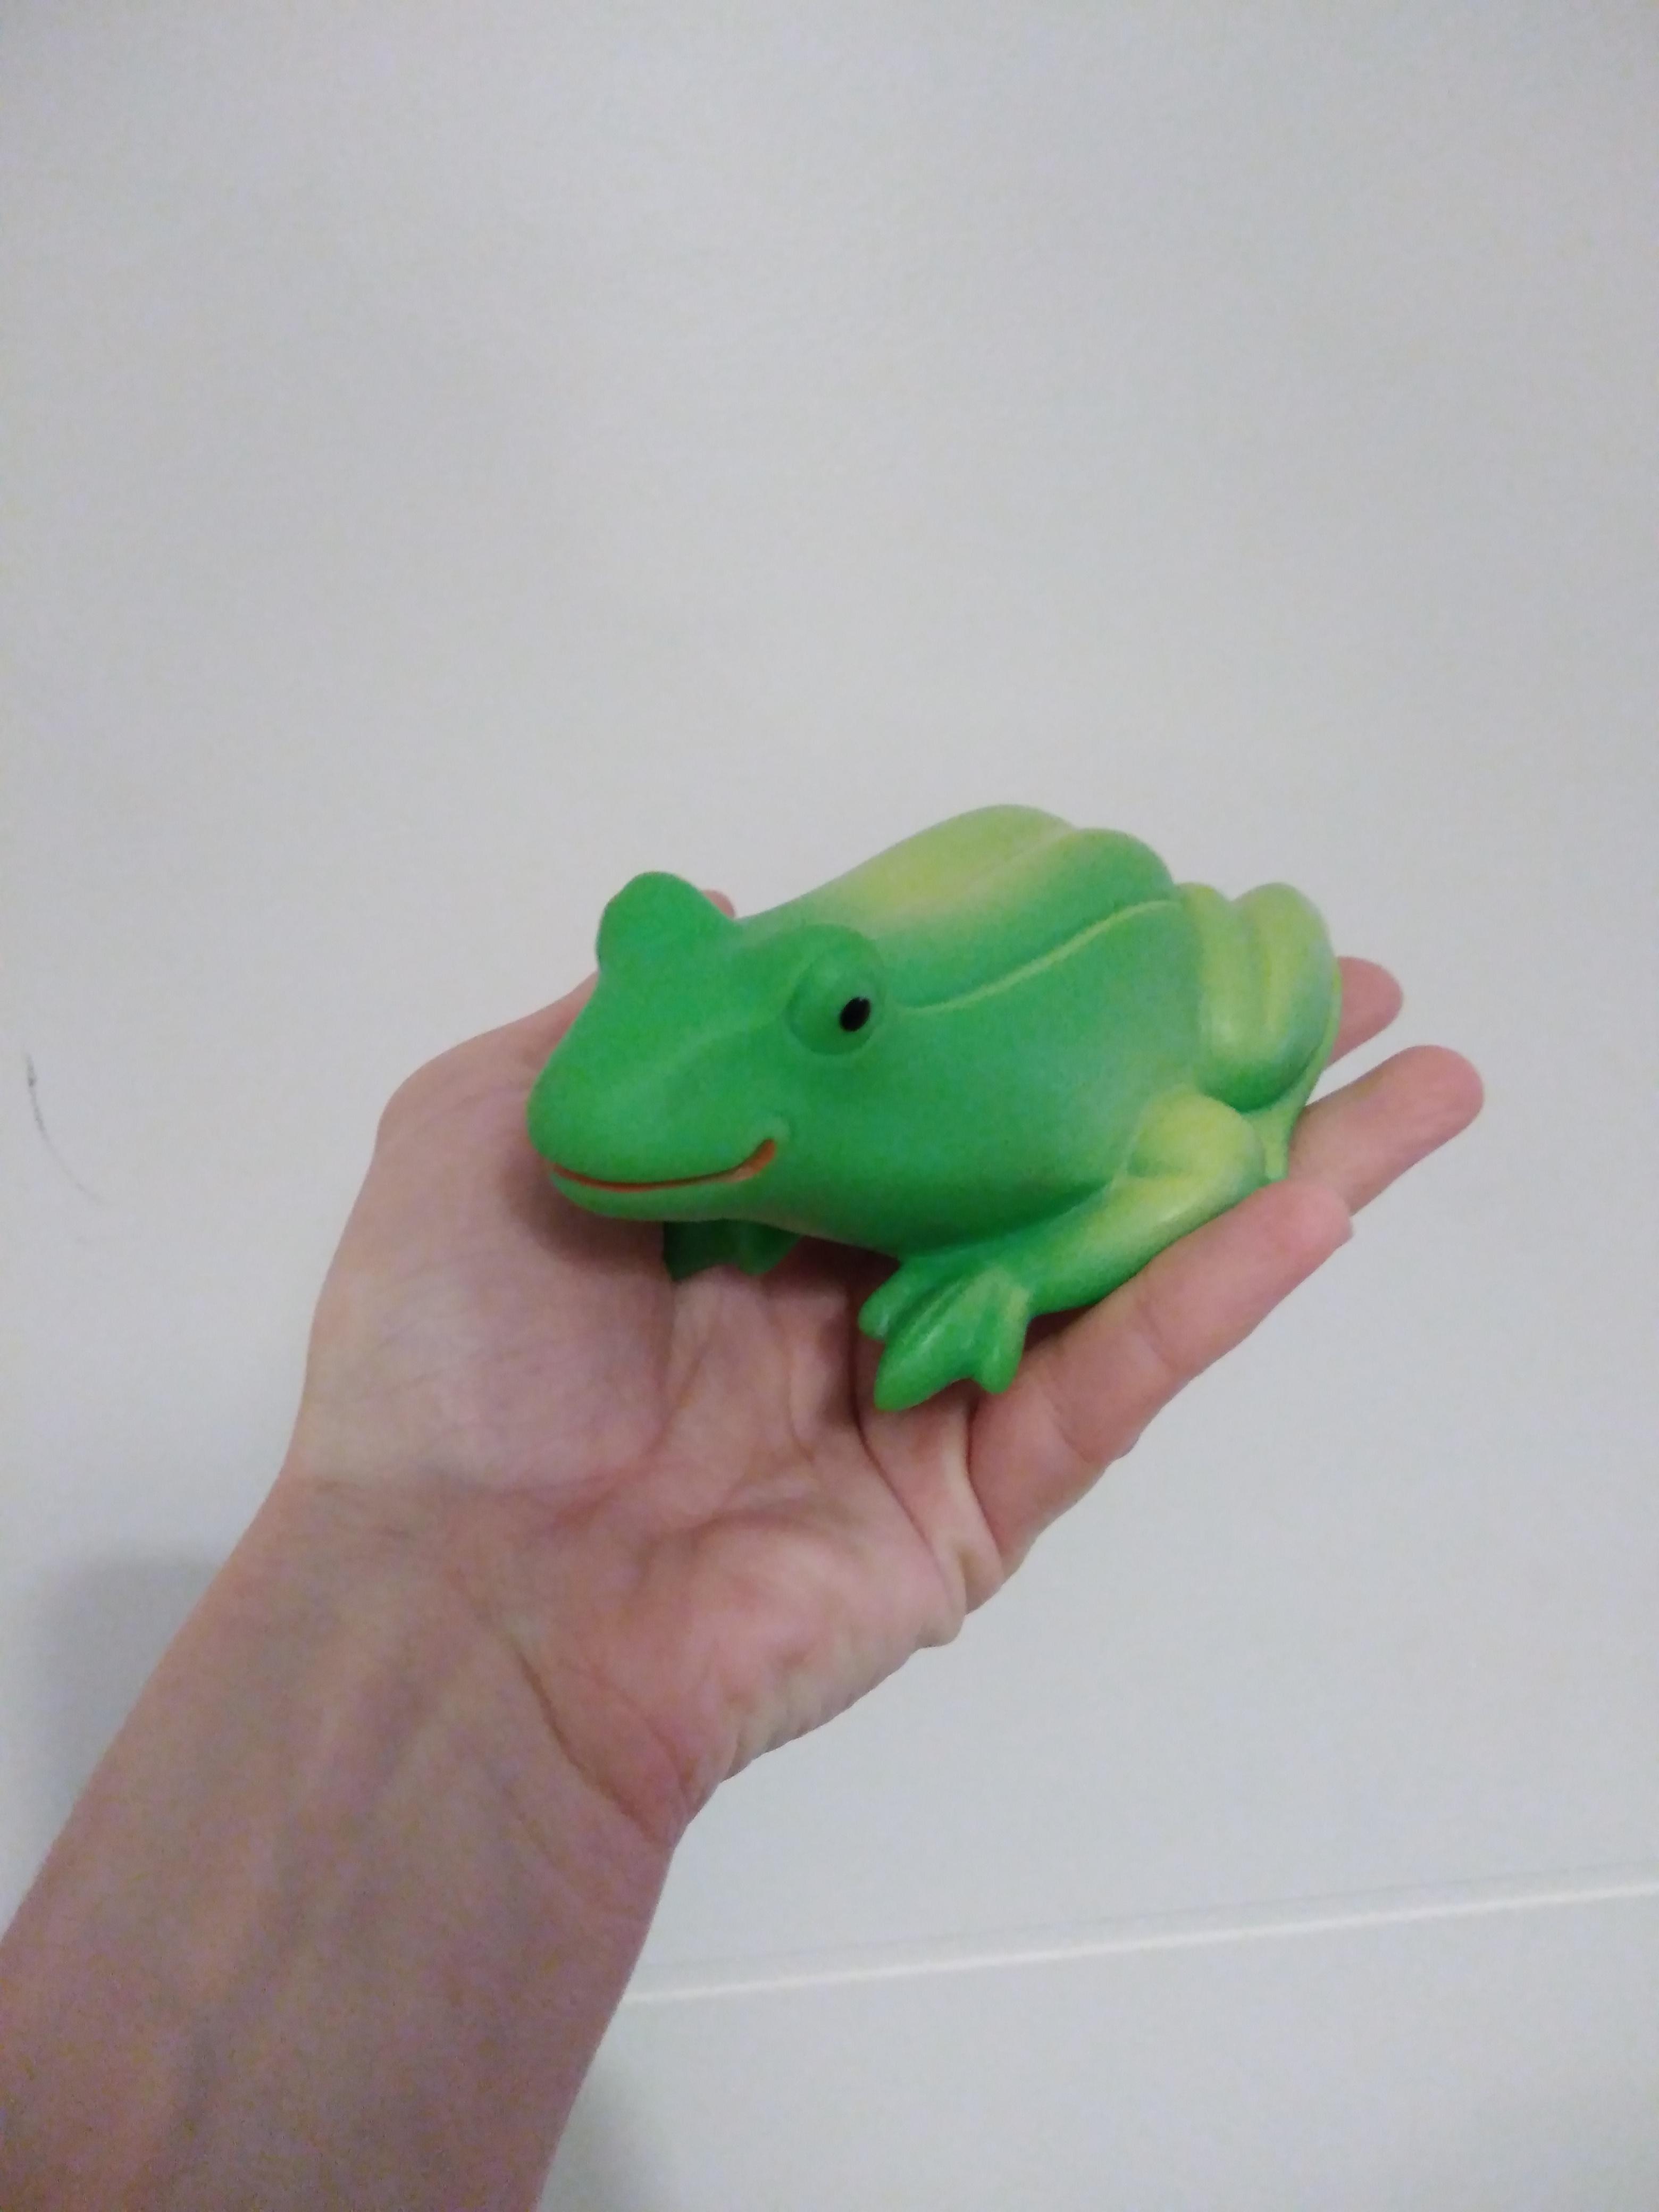 troc de troc résa troqueuse / petite grenouille image 0